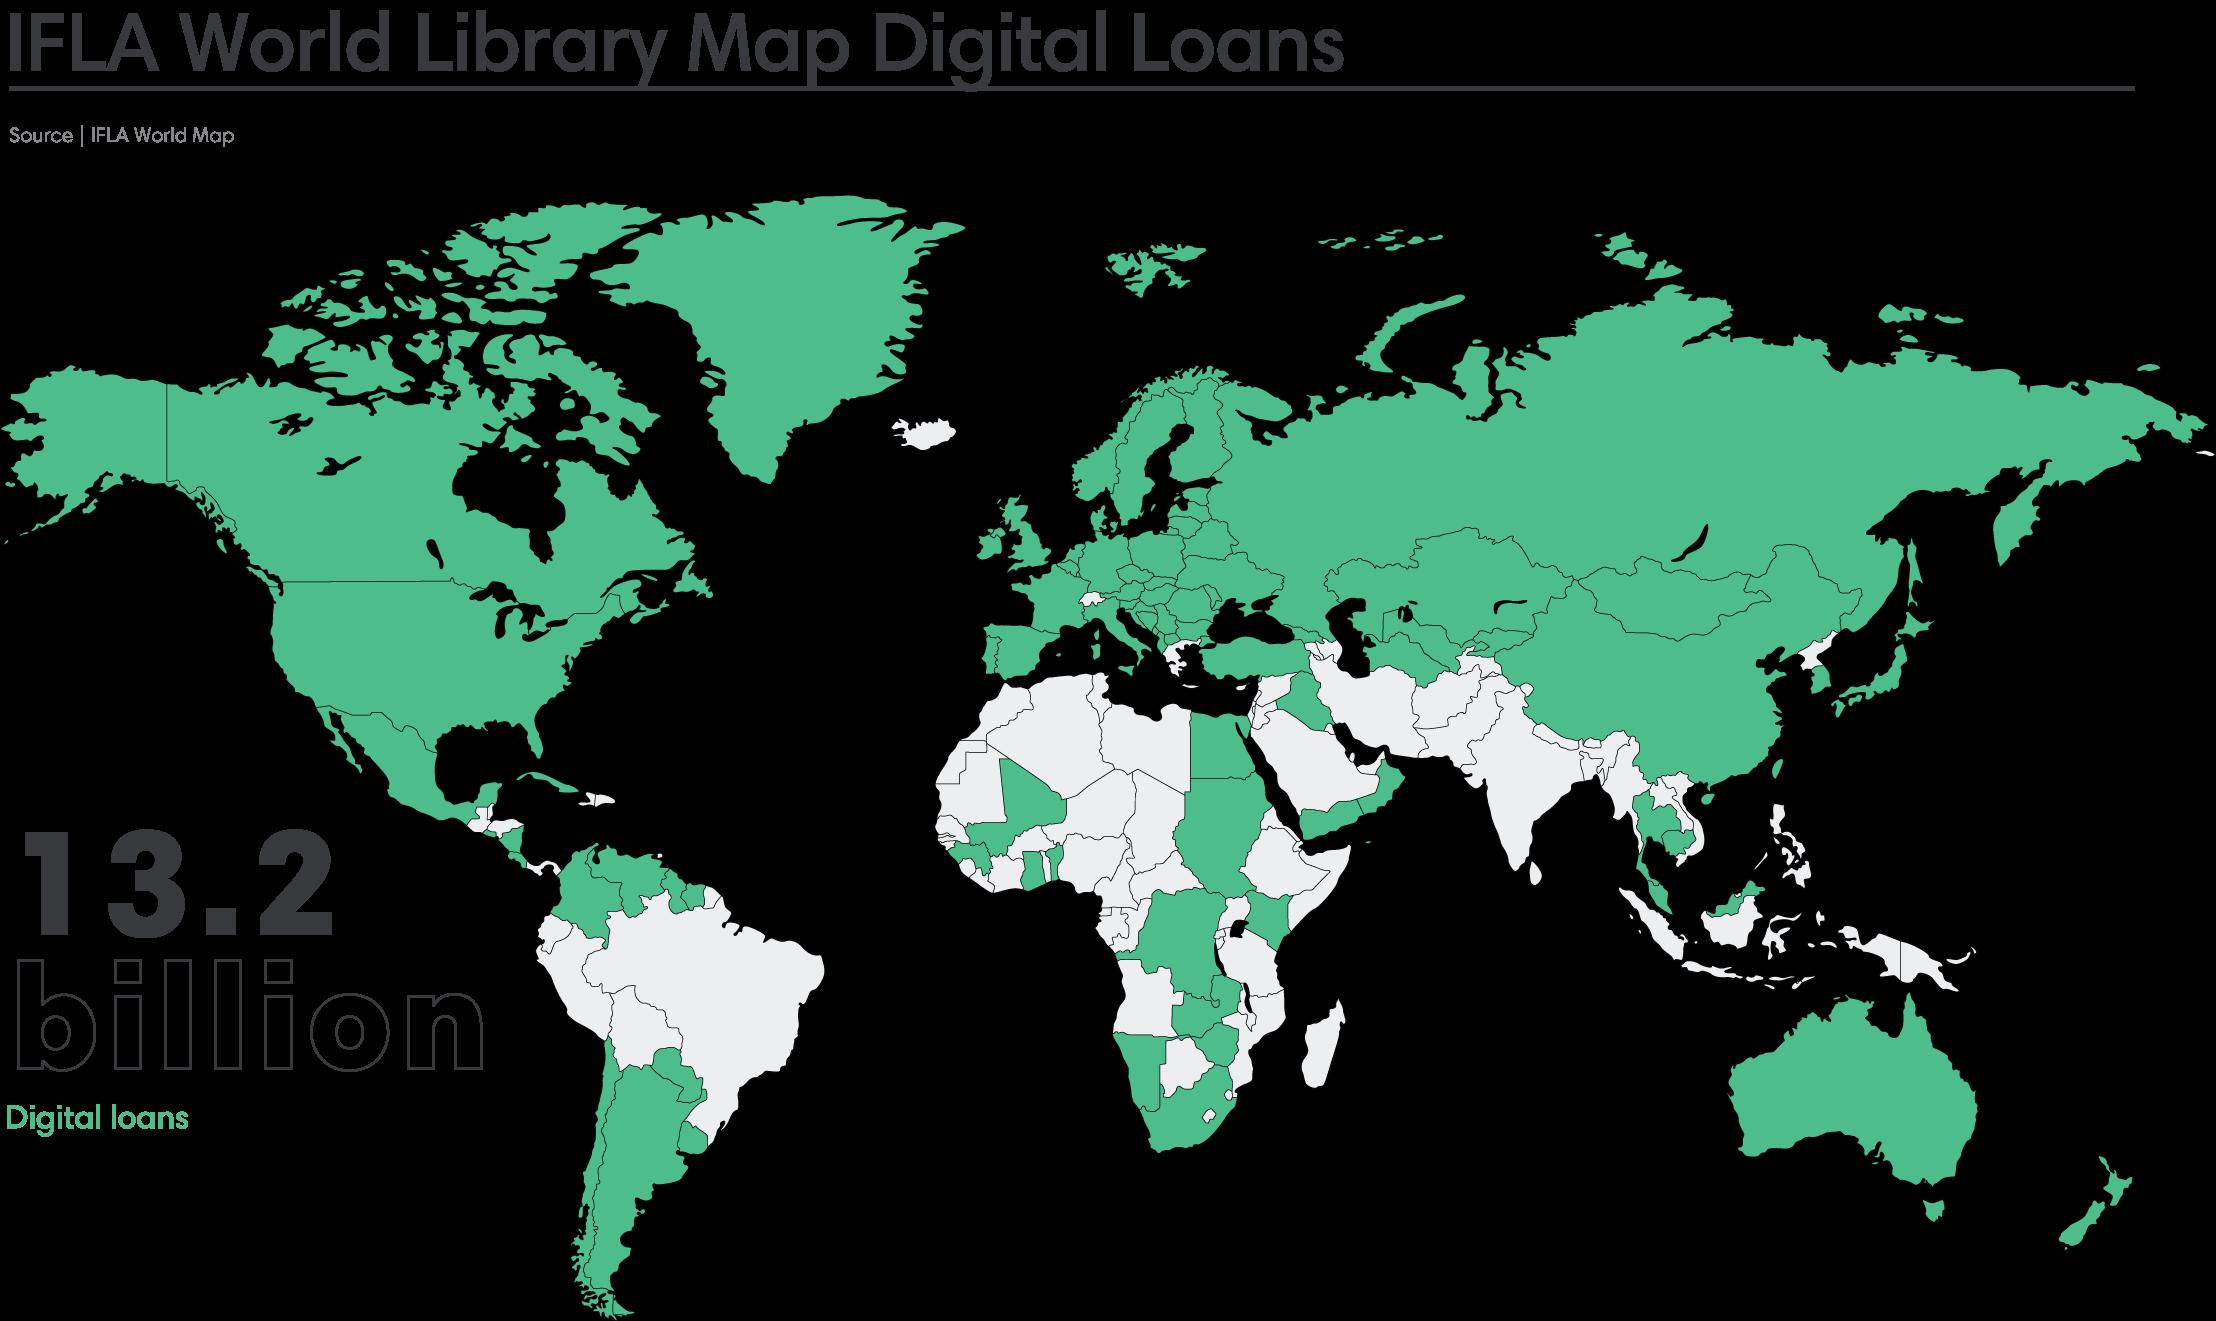 IFLA digital loans